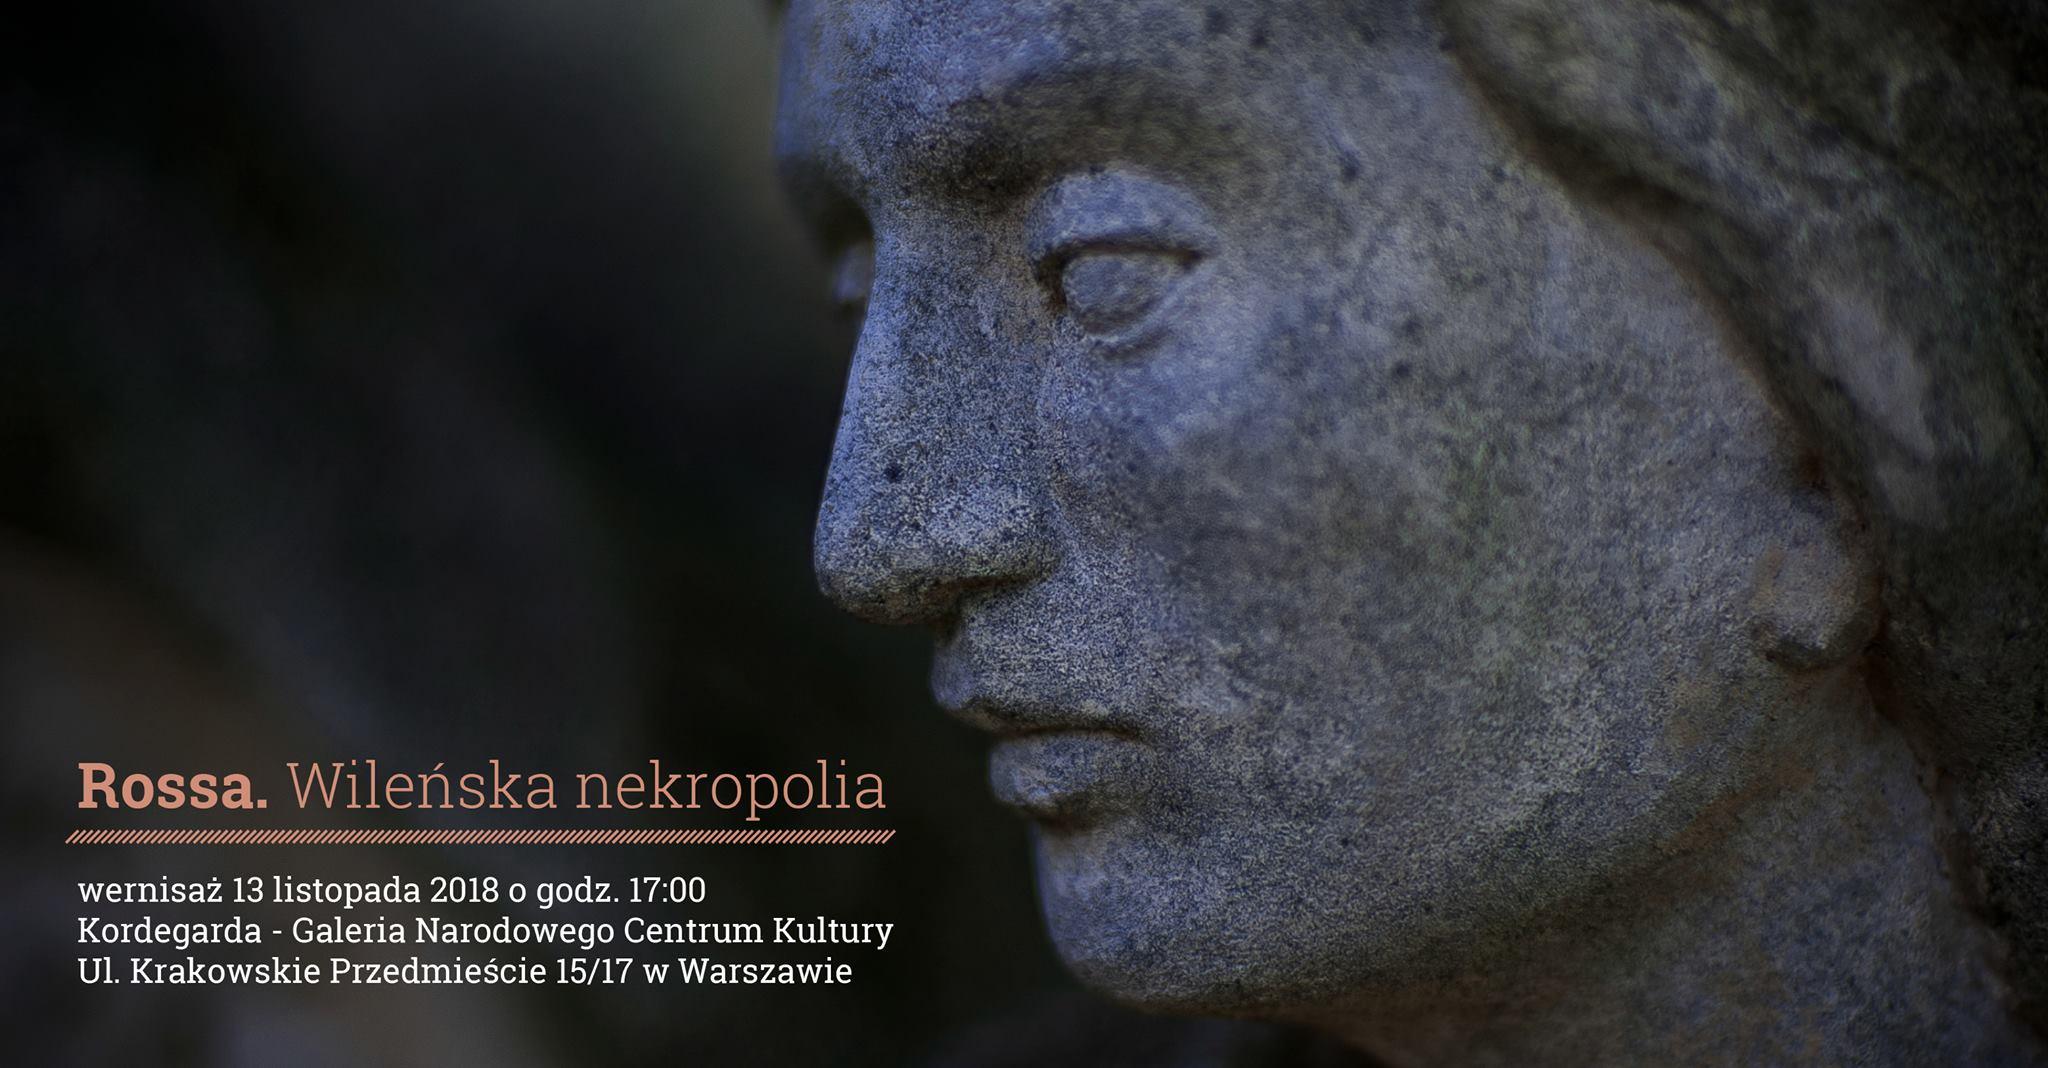 Rossa. Wileńska nekropolia